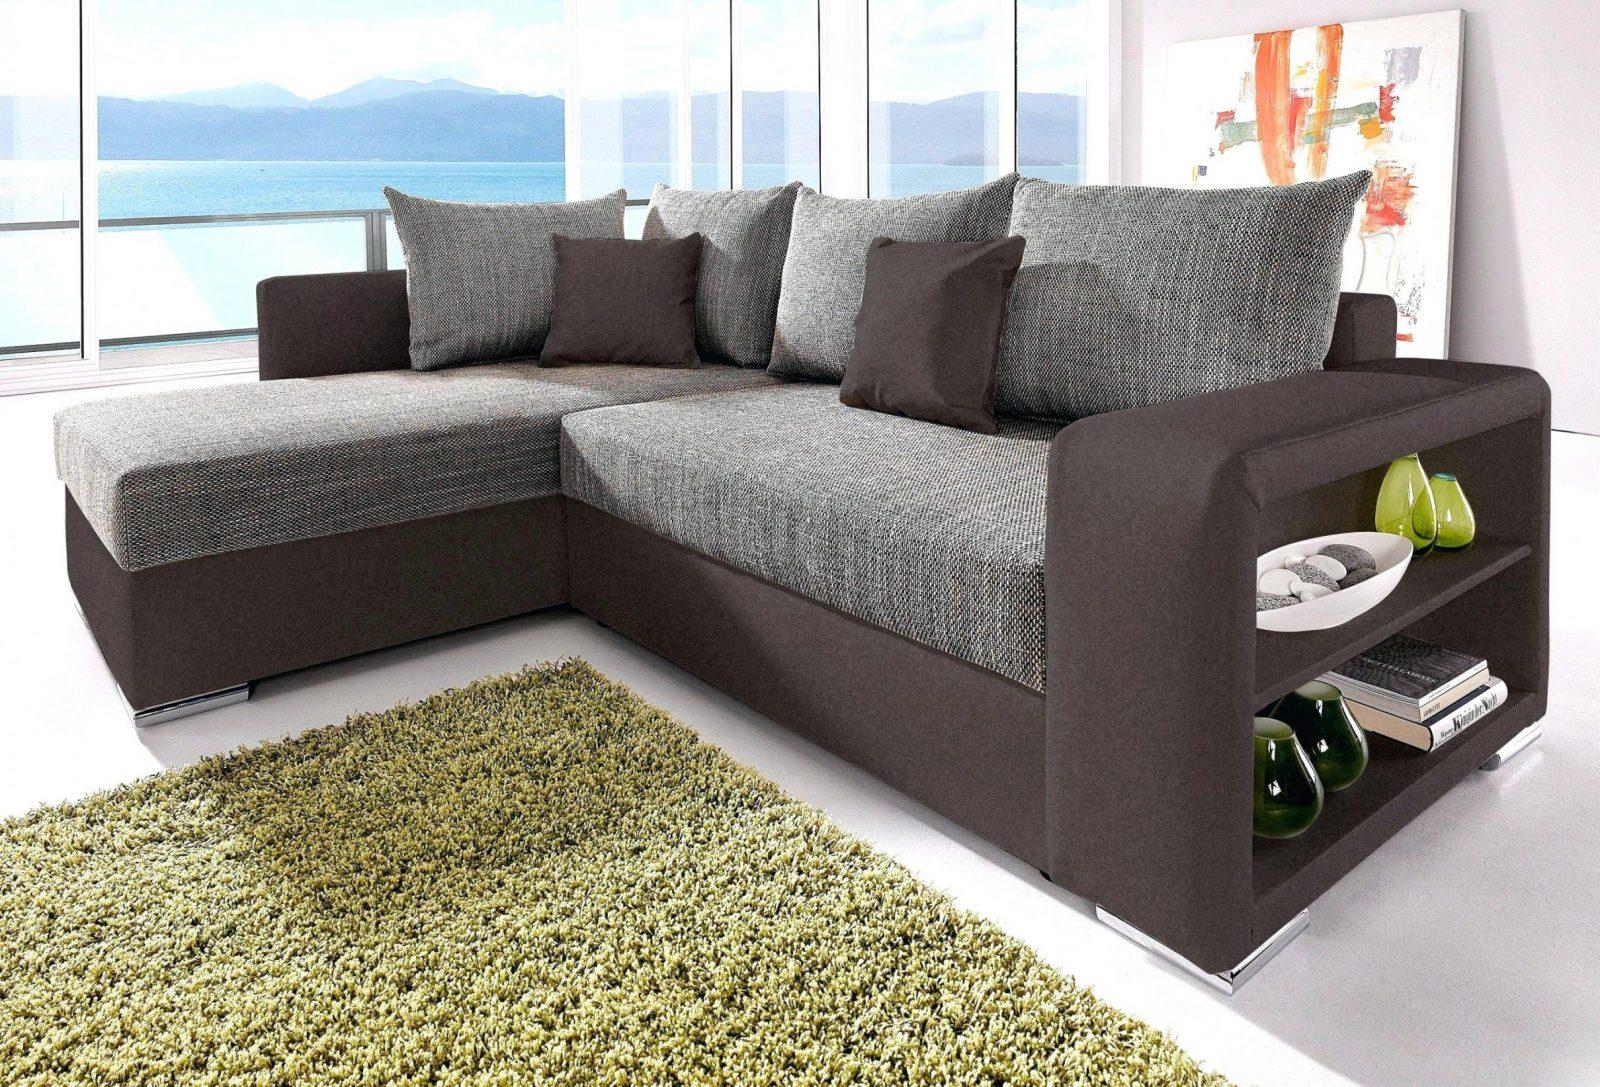 Beste Otto Sofa Bezug Für Otto Sofas Mit Bettfunktion  Sofa Design von Otto Big Sofa Mit Bettfunktion Bild